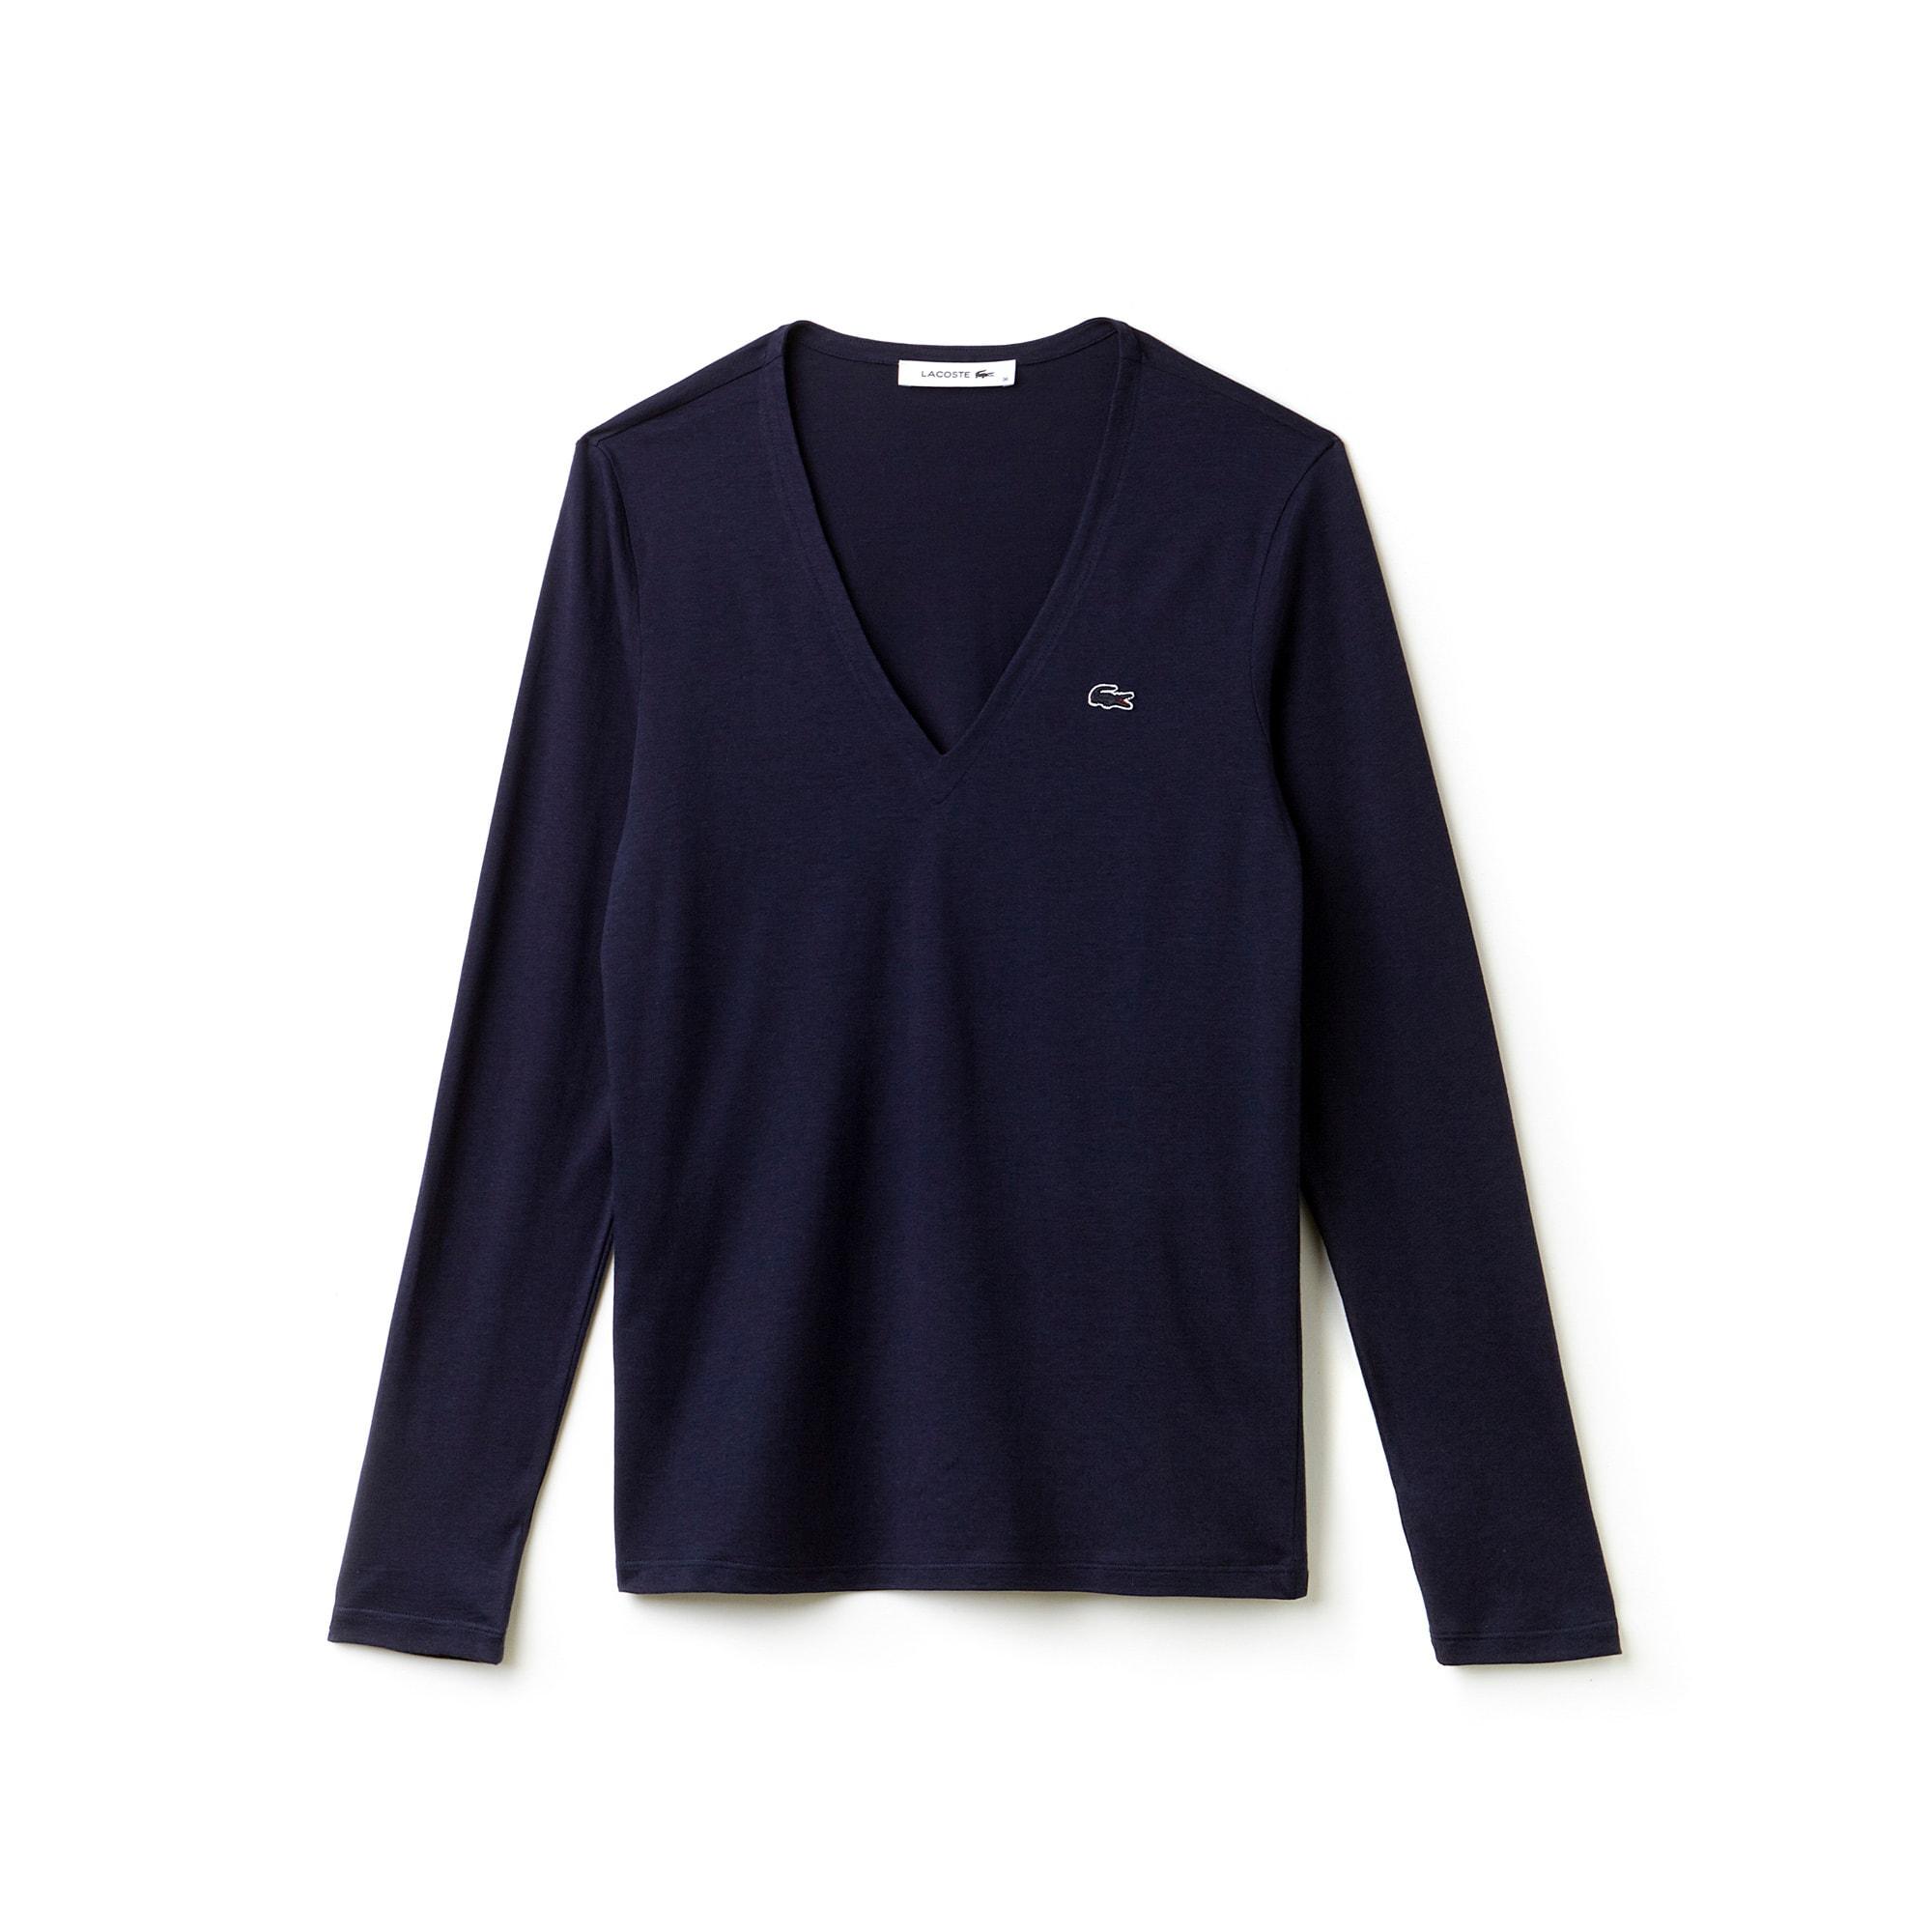 قميص تي-شيرت فضفاض من قطن الجيرسيه مزود برقبة على شكل حرف V للسيدات